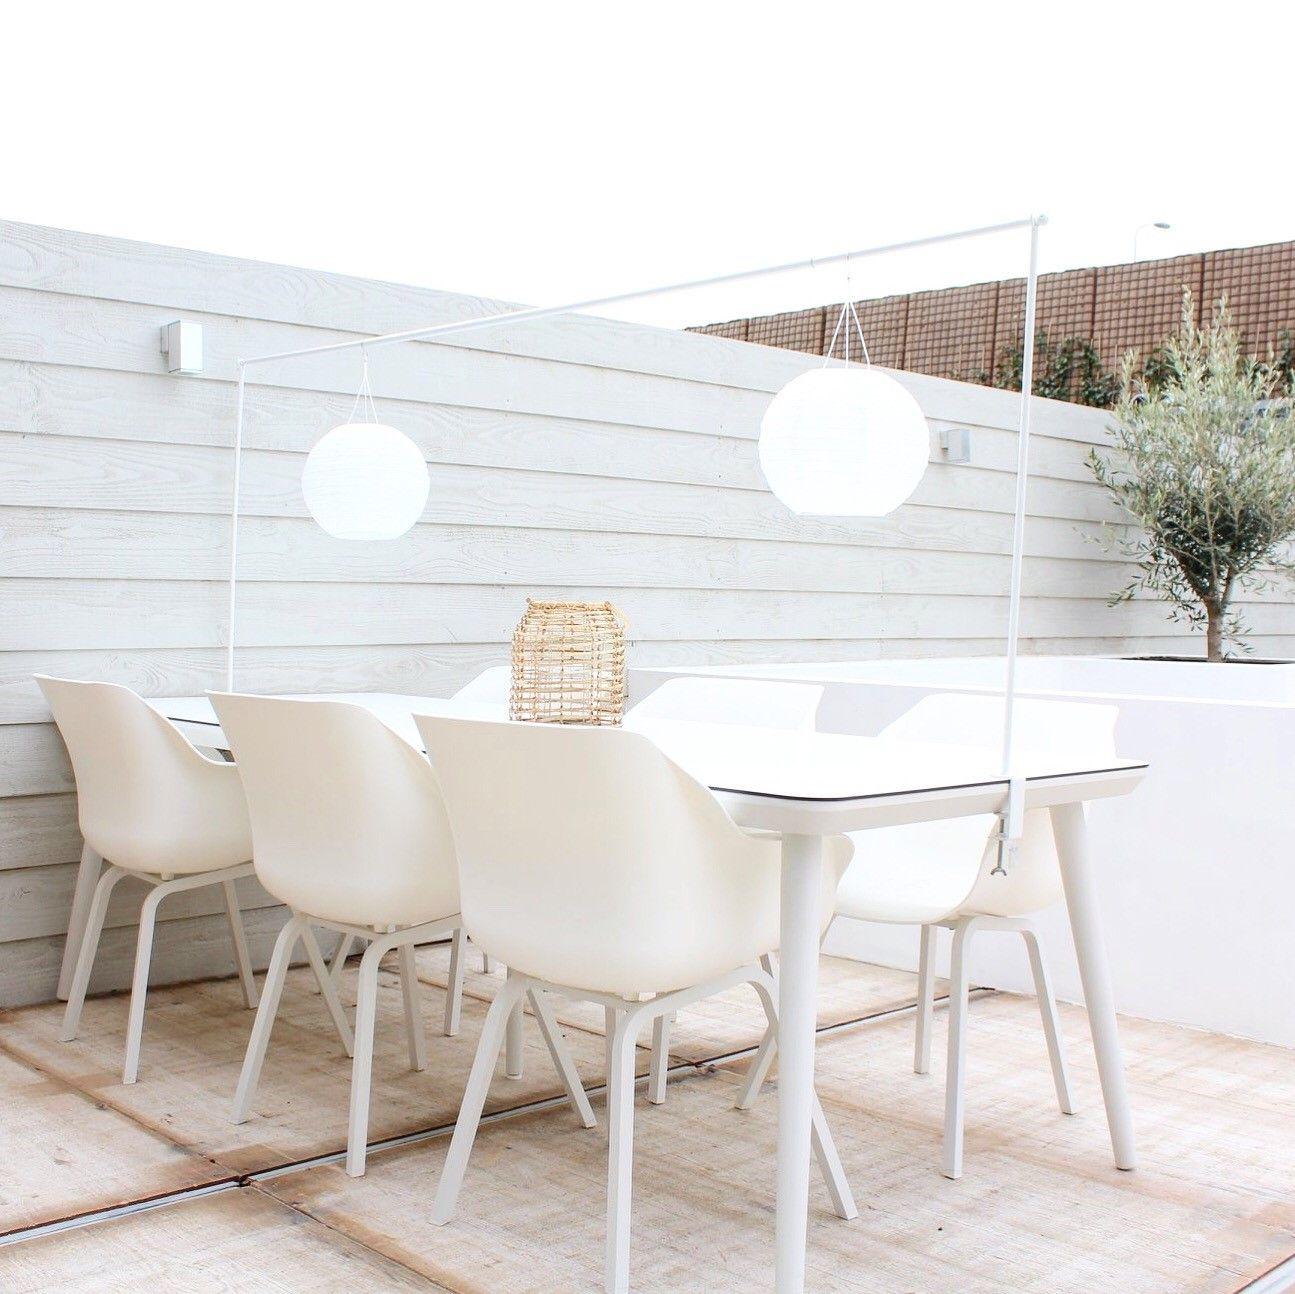 Kuipstoeltjes Tuin En Terras.Witte Tuinset Voor Een Frisse Blik In De Tuin Deze Witte Hartman